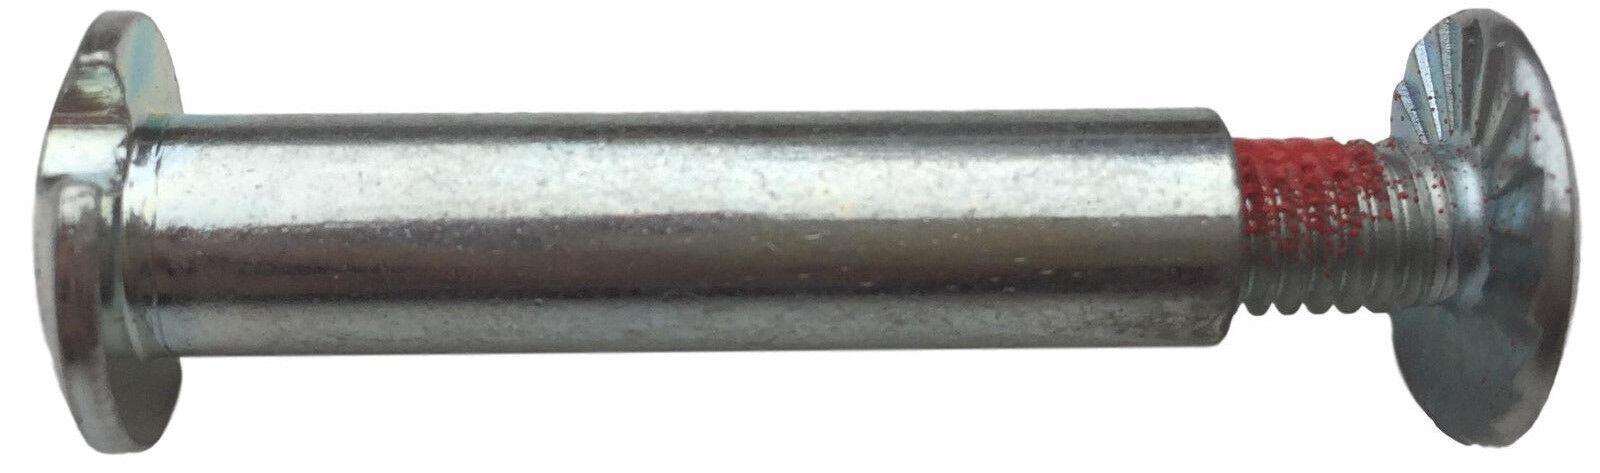 Salomon Achse, Inlinerachse, Ersatzachse, Schraube Ø 8 mm, L: 35 mm (kurz, neu)